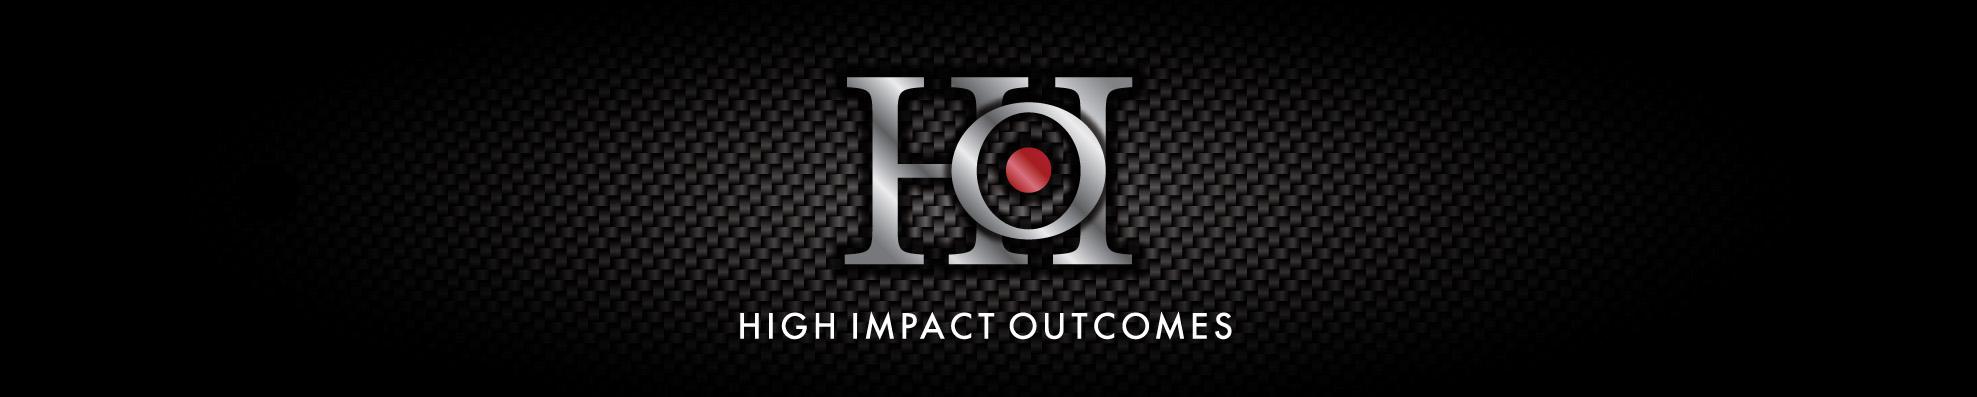 High Impact Outcomes